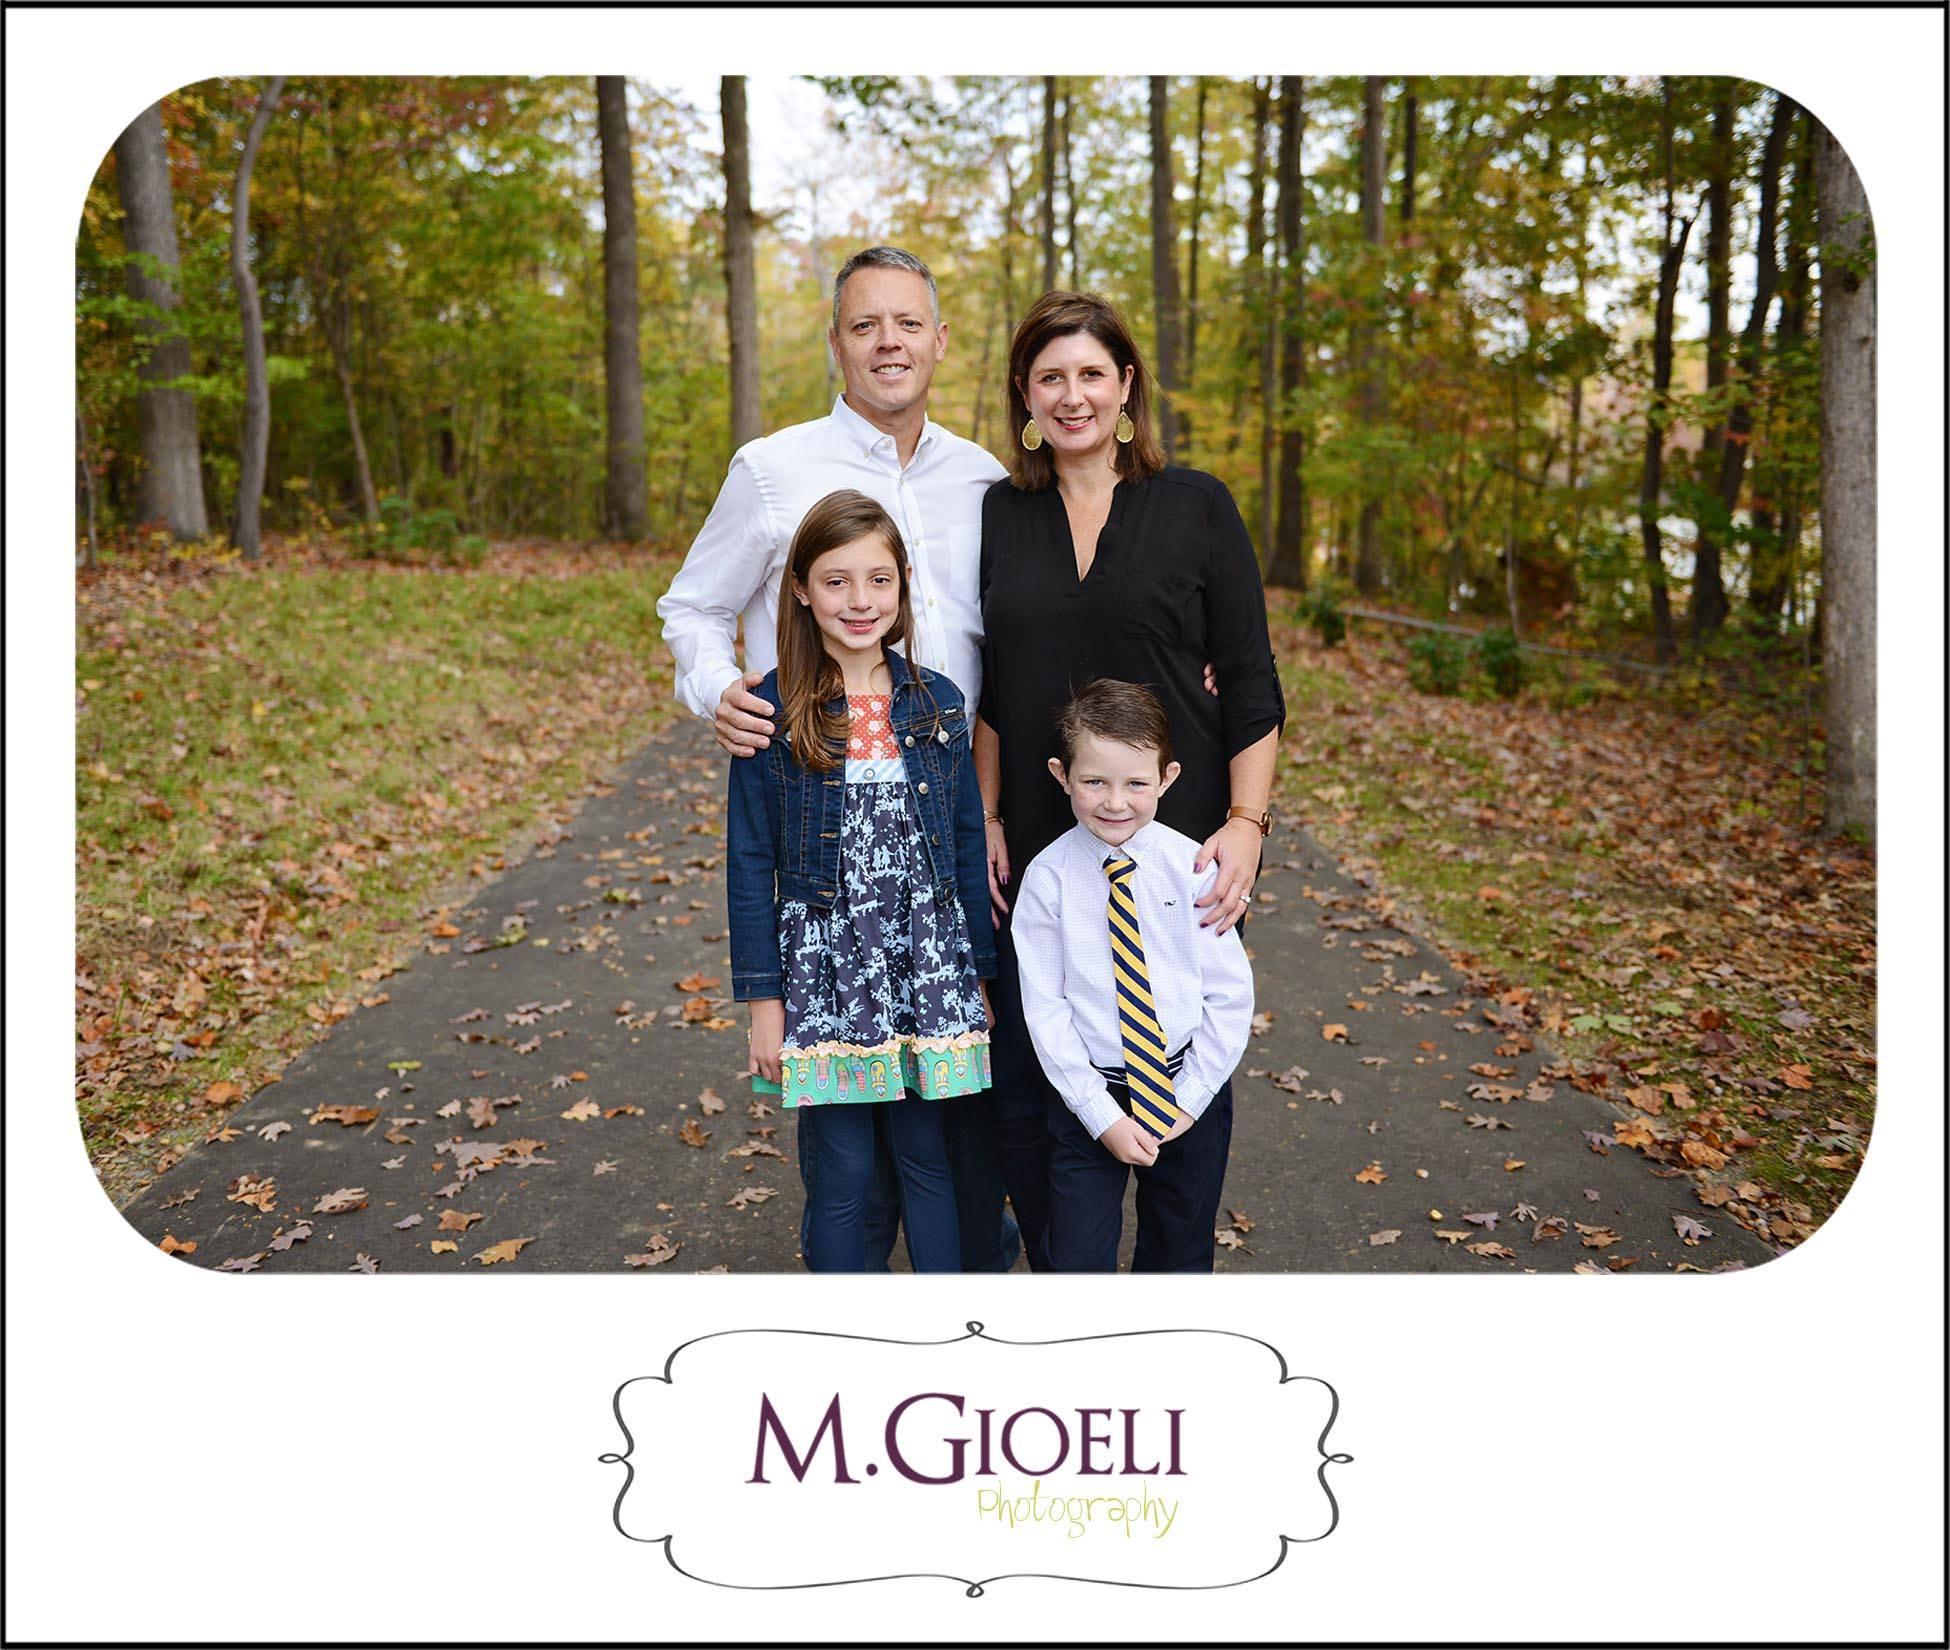 crafill_family_mgioeli